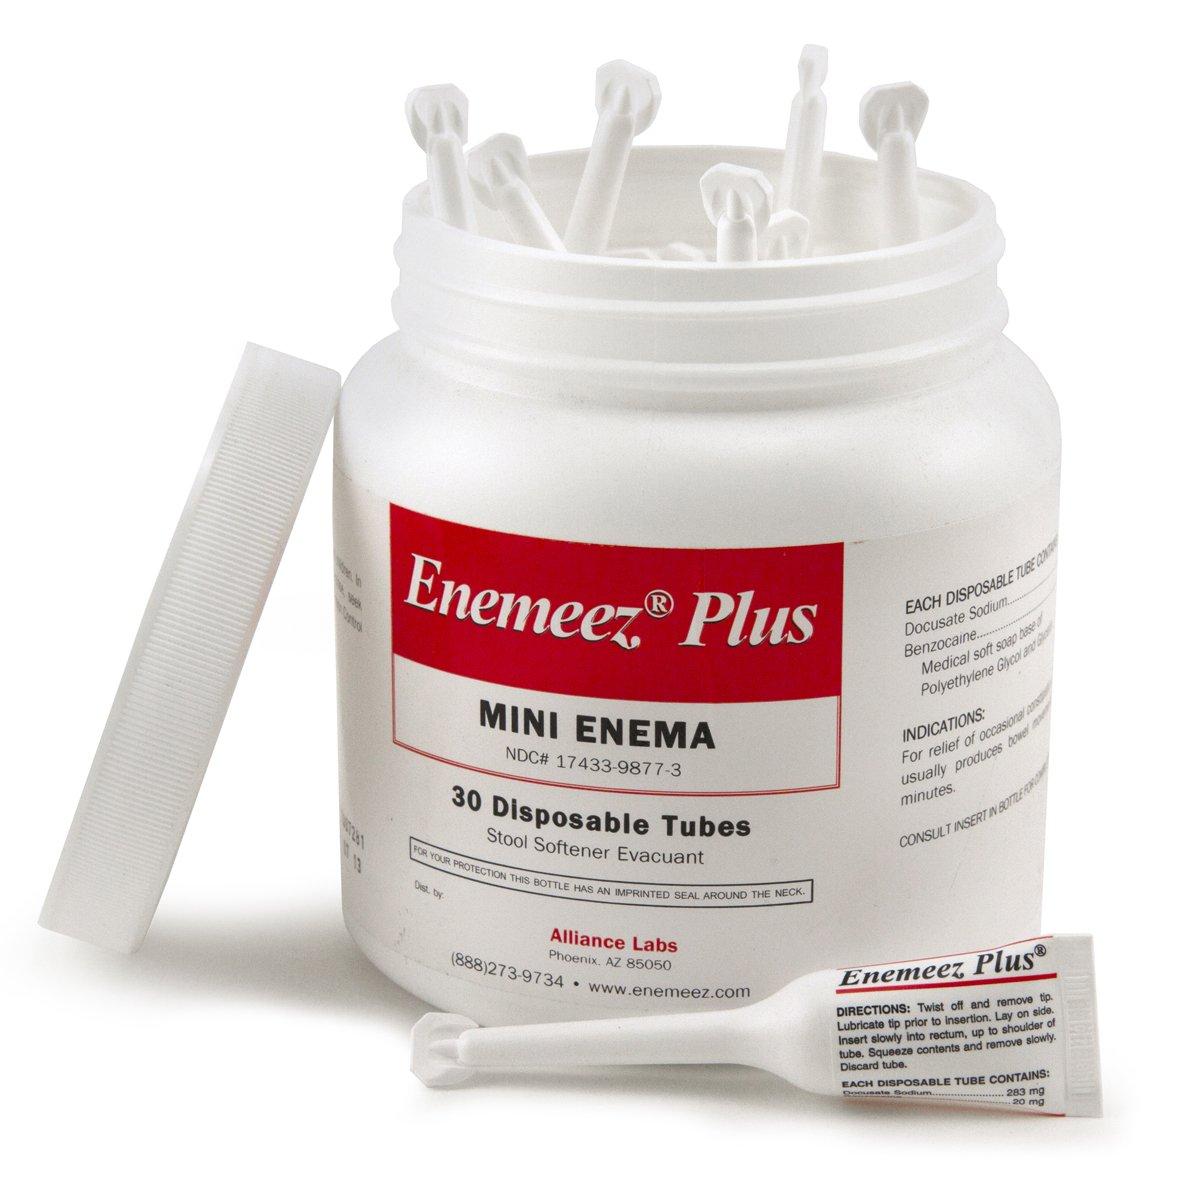 Enemeez Plus Enema Case of 6 Jars, 180 Single-use Mini Enemas by Western Research Laboratories